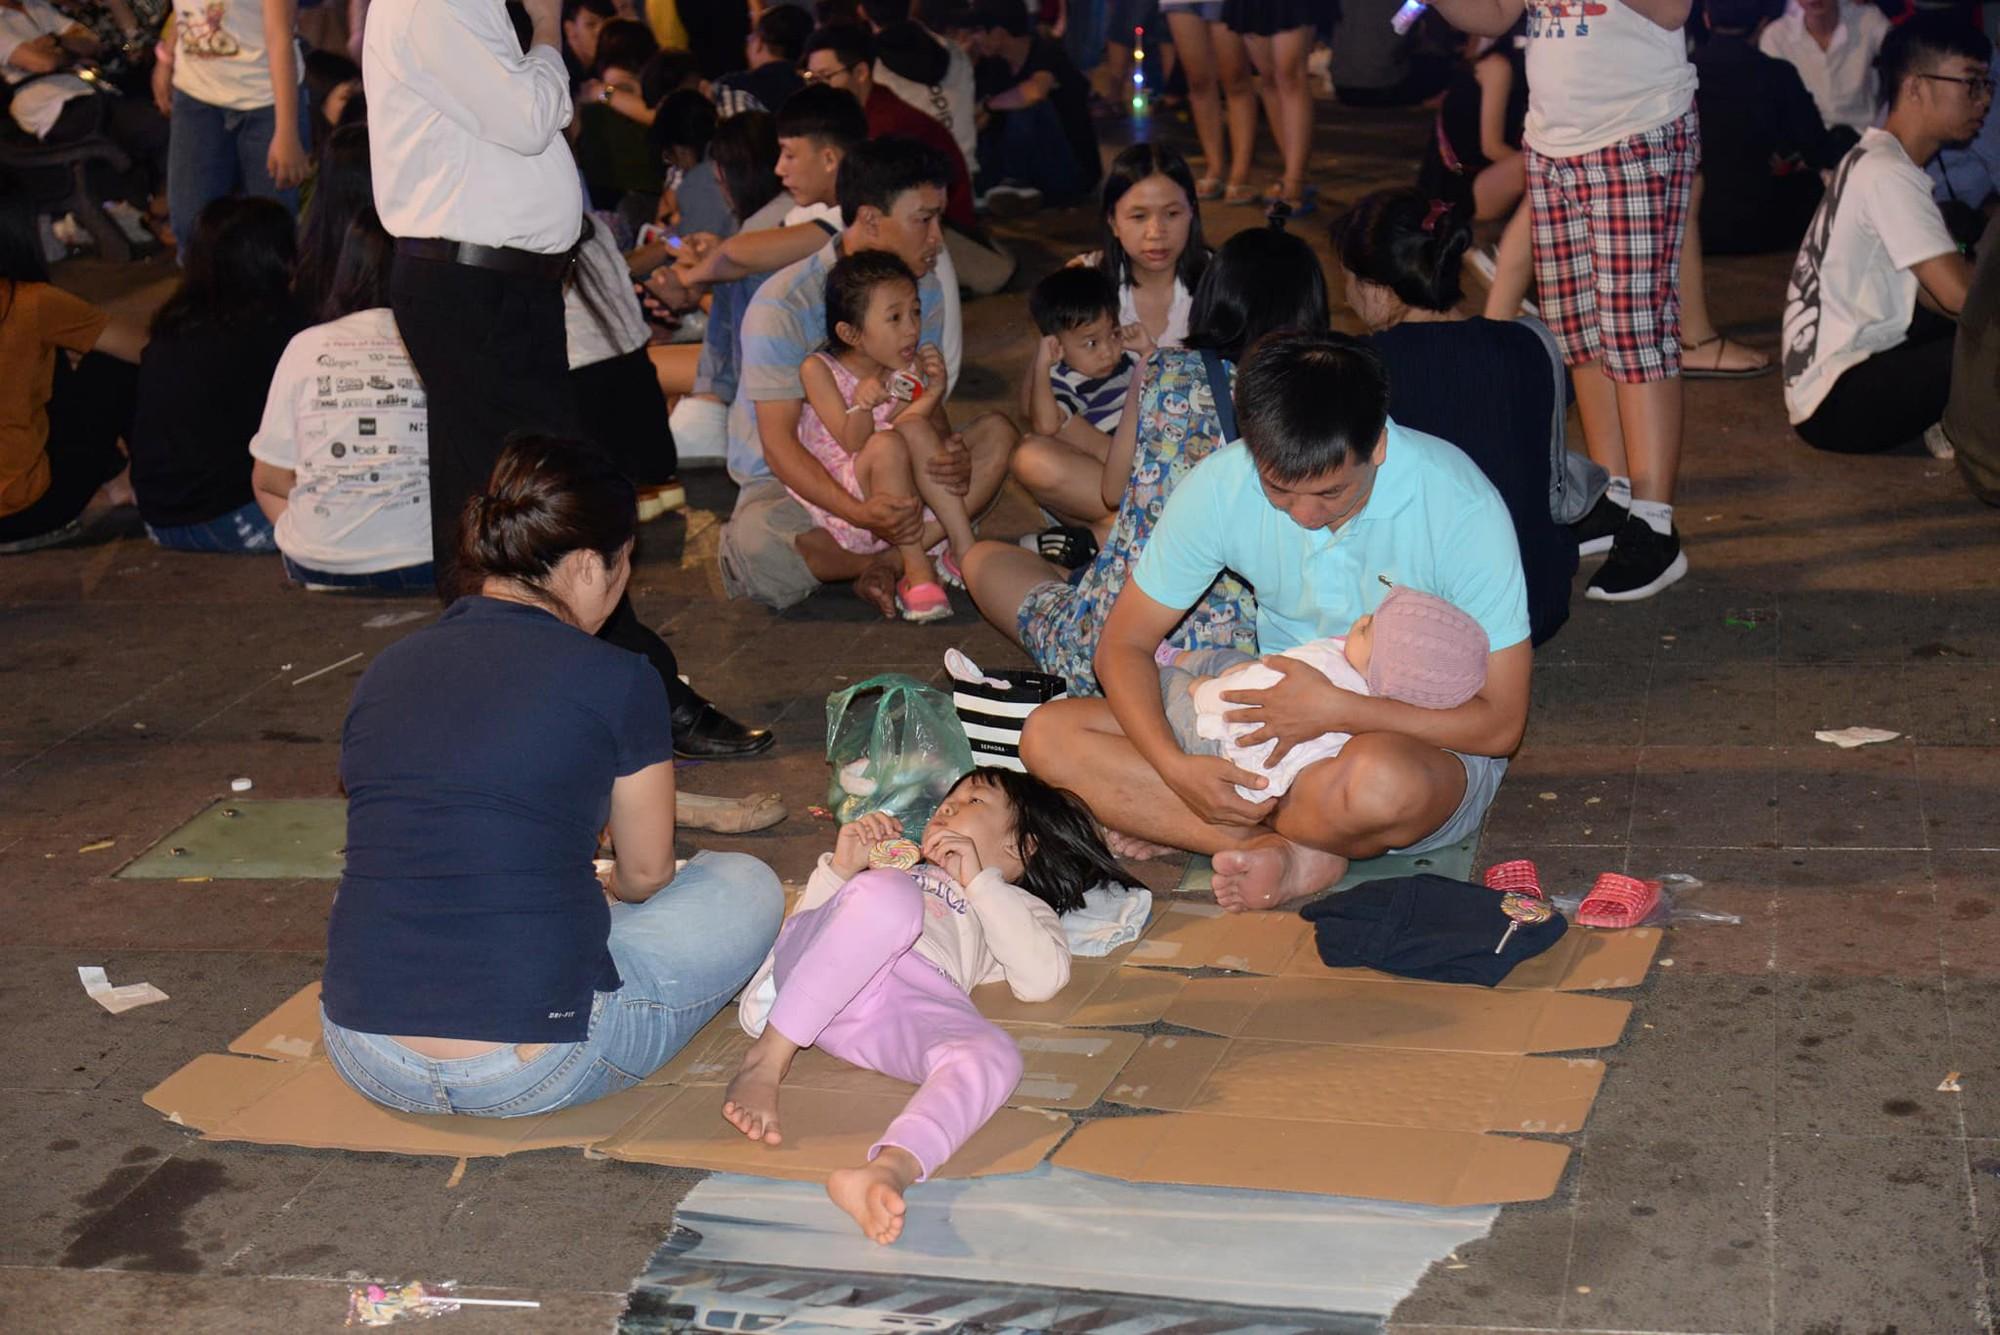 Hình ảnh nhìn thôi đã mệt: Thanh niên say bét nhè nằm lăn ra giữa phố đi bộ, trẻ con đi theo bố mẹ vạ vật chờ giao thừa - Ảnh 3.